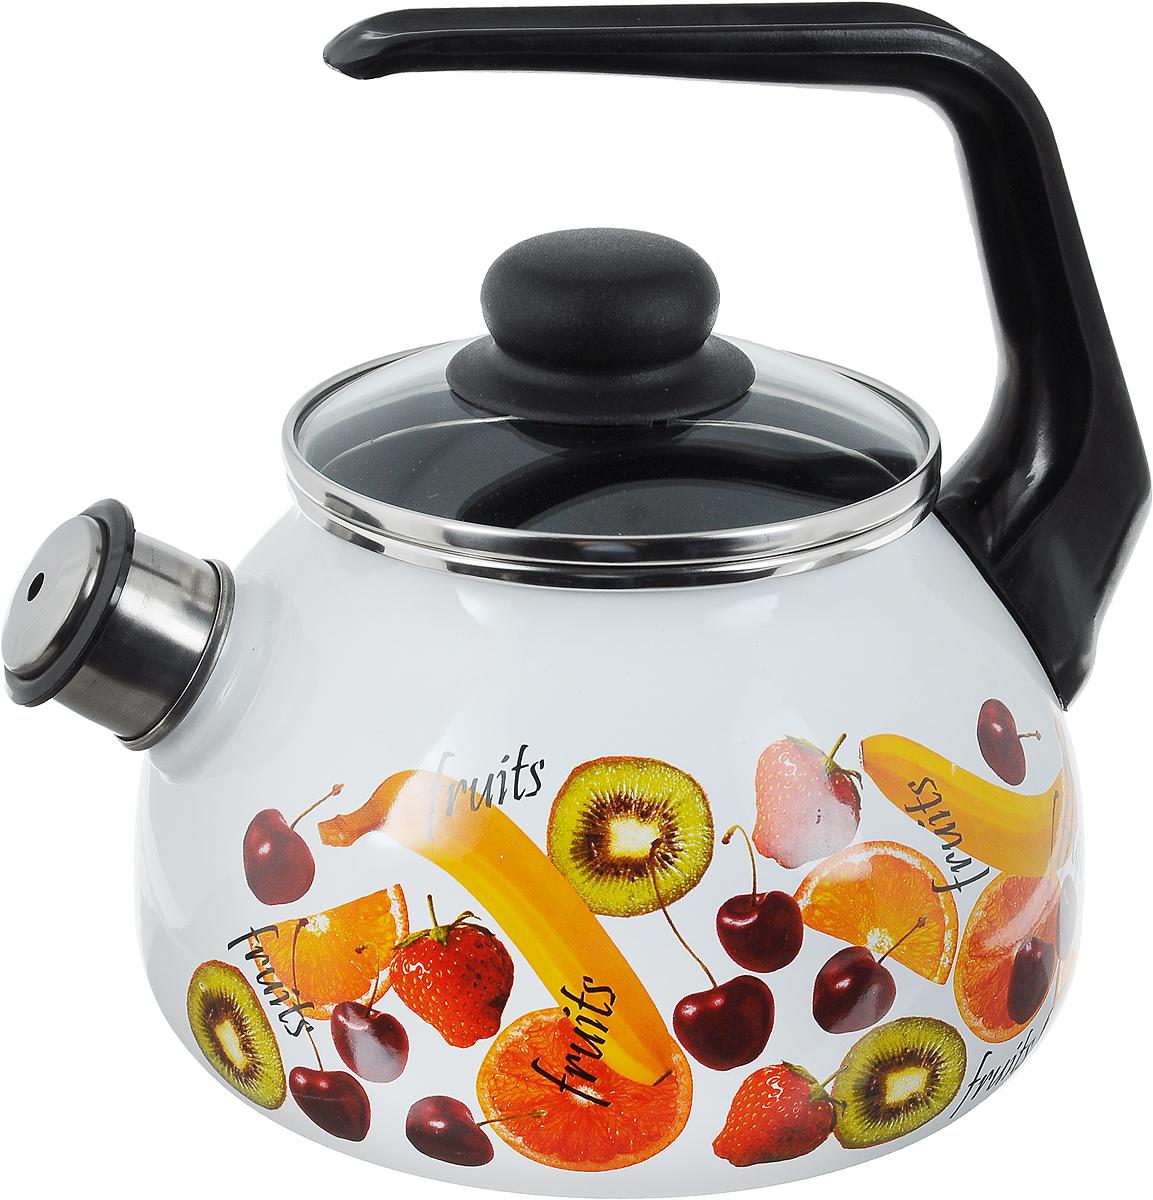 Чайник эмалированный Vitross Fruits, со свистком, 2 л1RA12Чайник Vitross Fruits выполнен из высококачественной стали, что обеспечивает долговечность использования. Внешнее цветное эмалевое покрытие придает приятный внешний вид. Пластиковая фиксированная ручка делает использование чайника очень удобным и безопасным. Чайник снабжен съемным свистком. Можно мыть в посудомоечной машине. Пригоден для всех видов плит, включая индукционные. Диаметр чайника (по верхнему краю): 13 см. Высота чайника (без учета крышки и ручки): 21,5 см. Диаметр основания: 15 см.